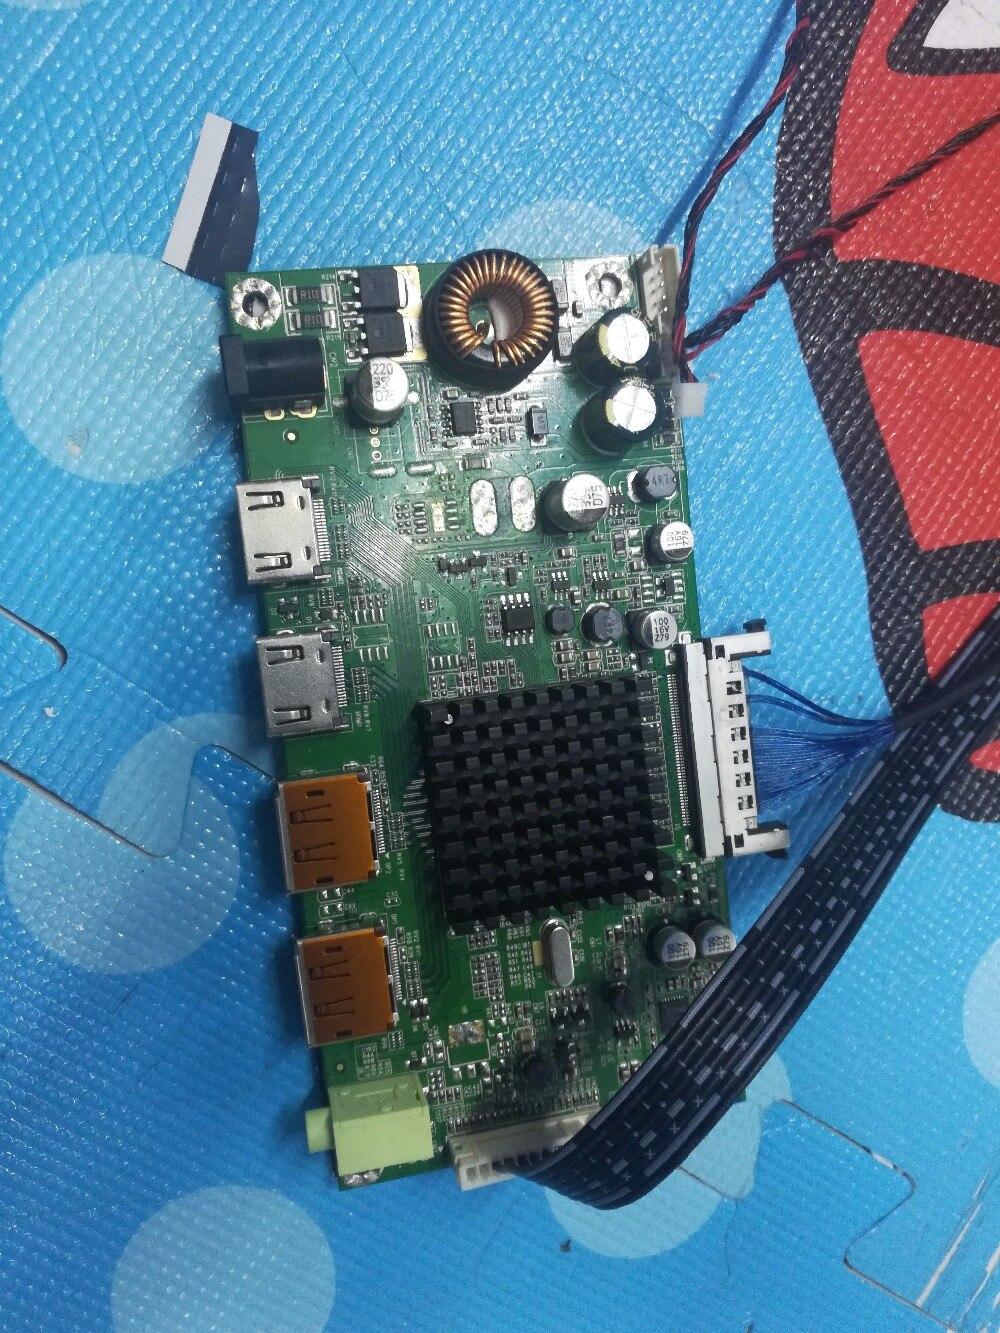 HDMI DP Audio LCD controller Driver Board Monitor Kit for M270QAN01 M270QAN01 0 M320QAN01 M320QAN01